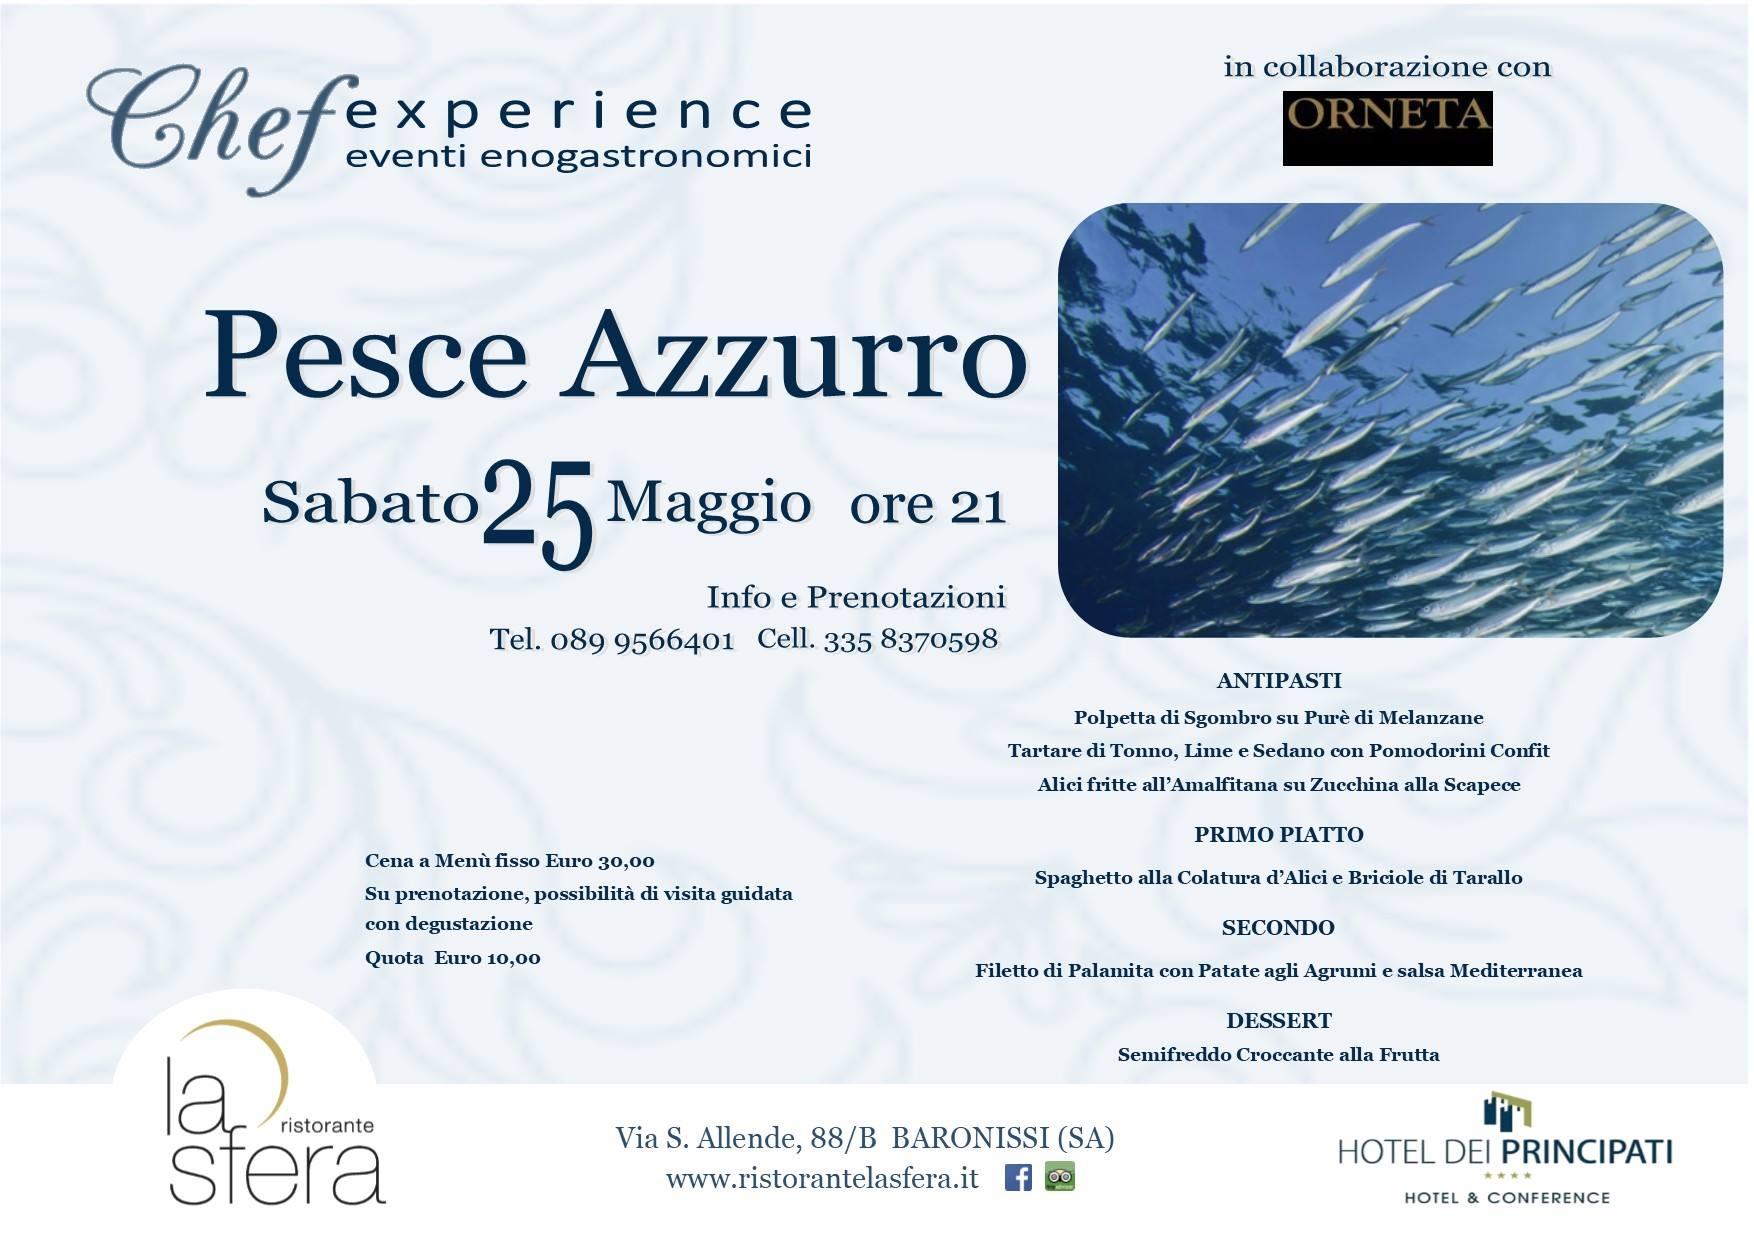 ches-pesce-azzurro-2019